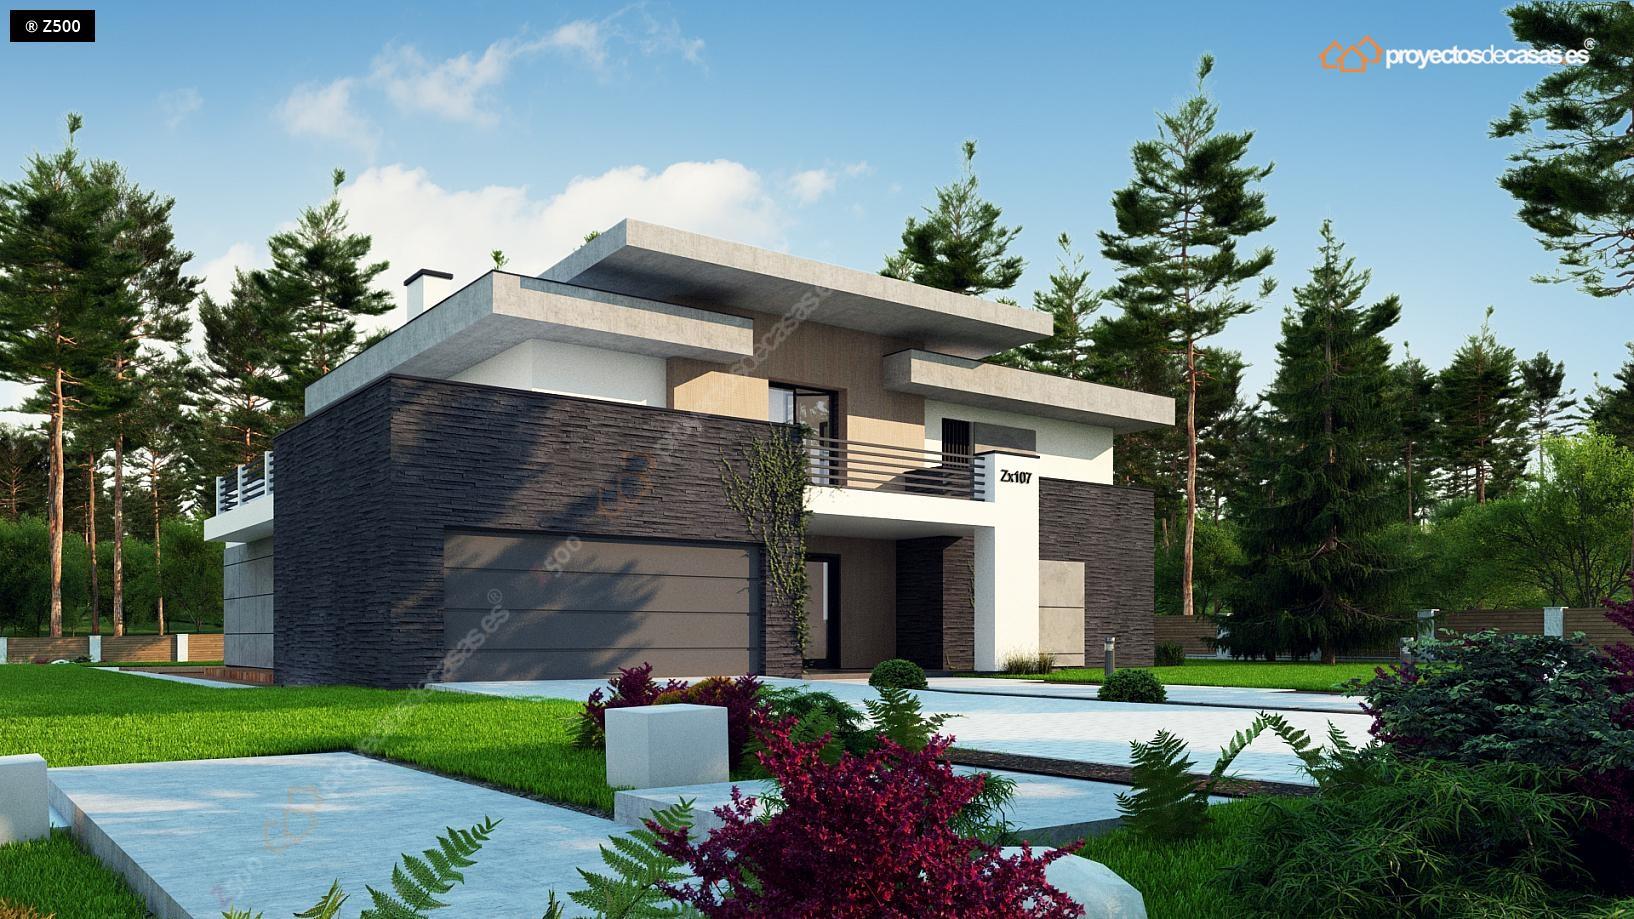 Proyectos de casas casa de dise o moderna con piscina for Casa moderna jardines